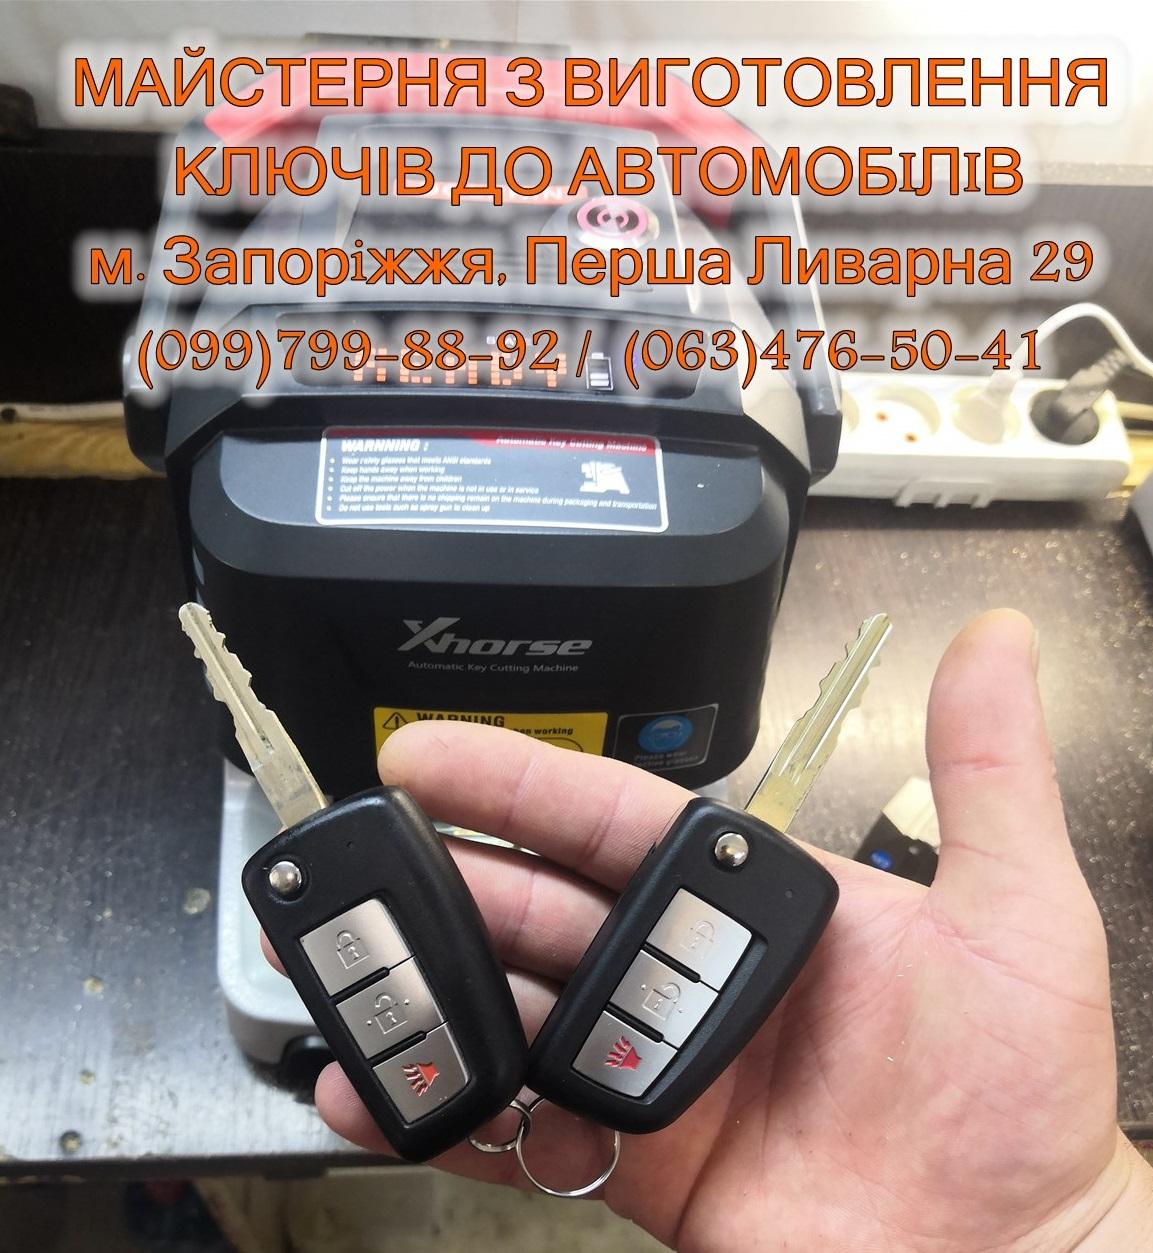 Мастерская по изготовлению ключей для автомобилей в Запорожье